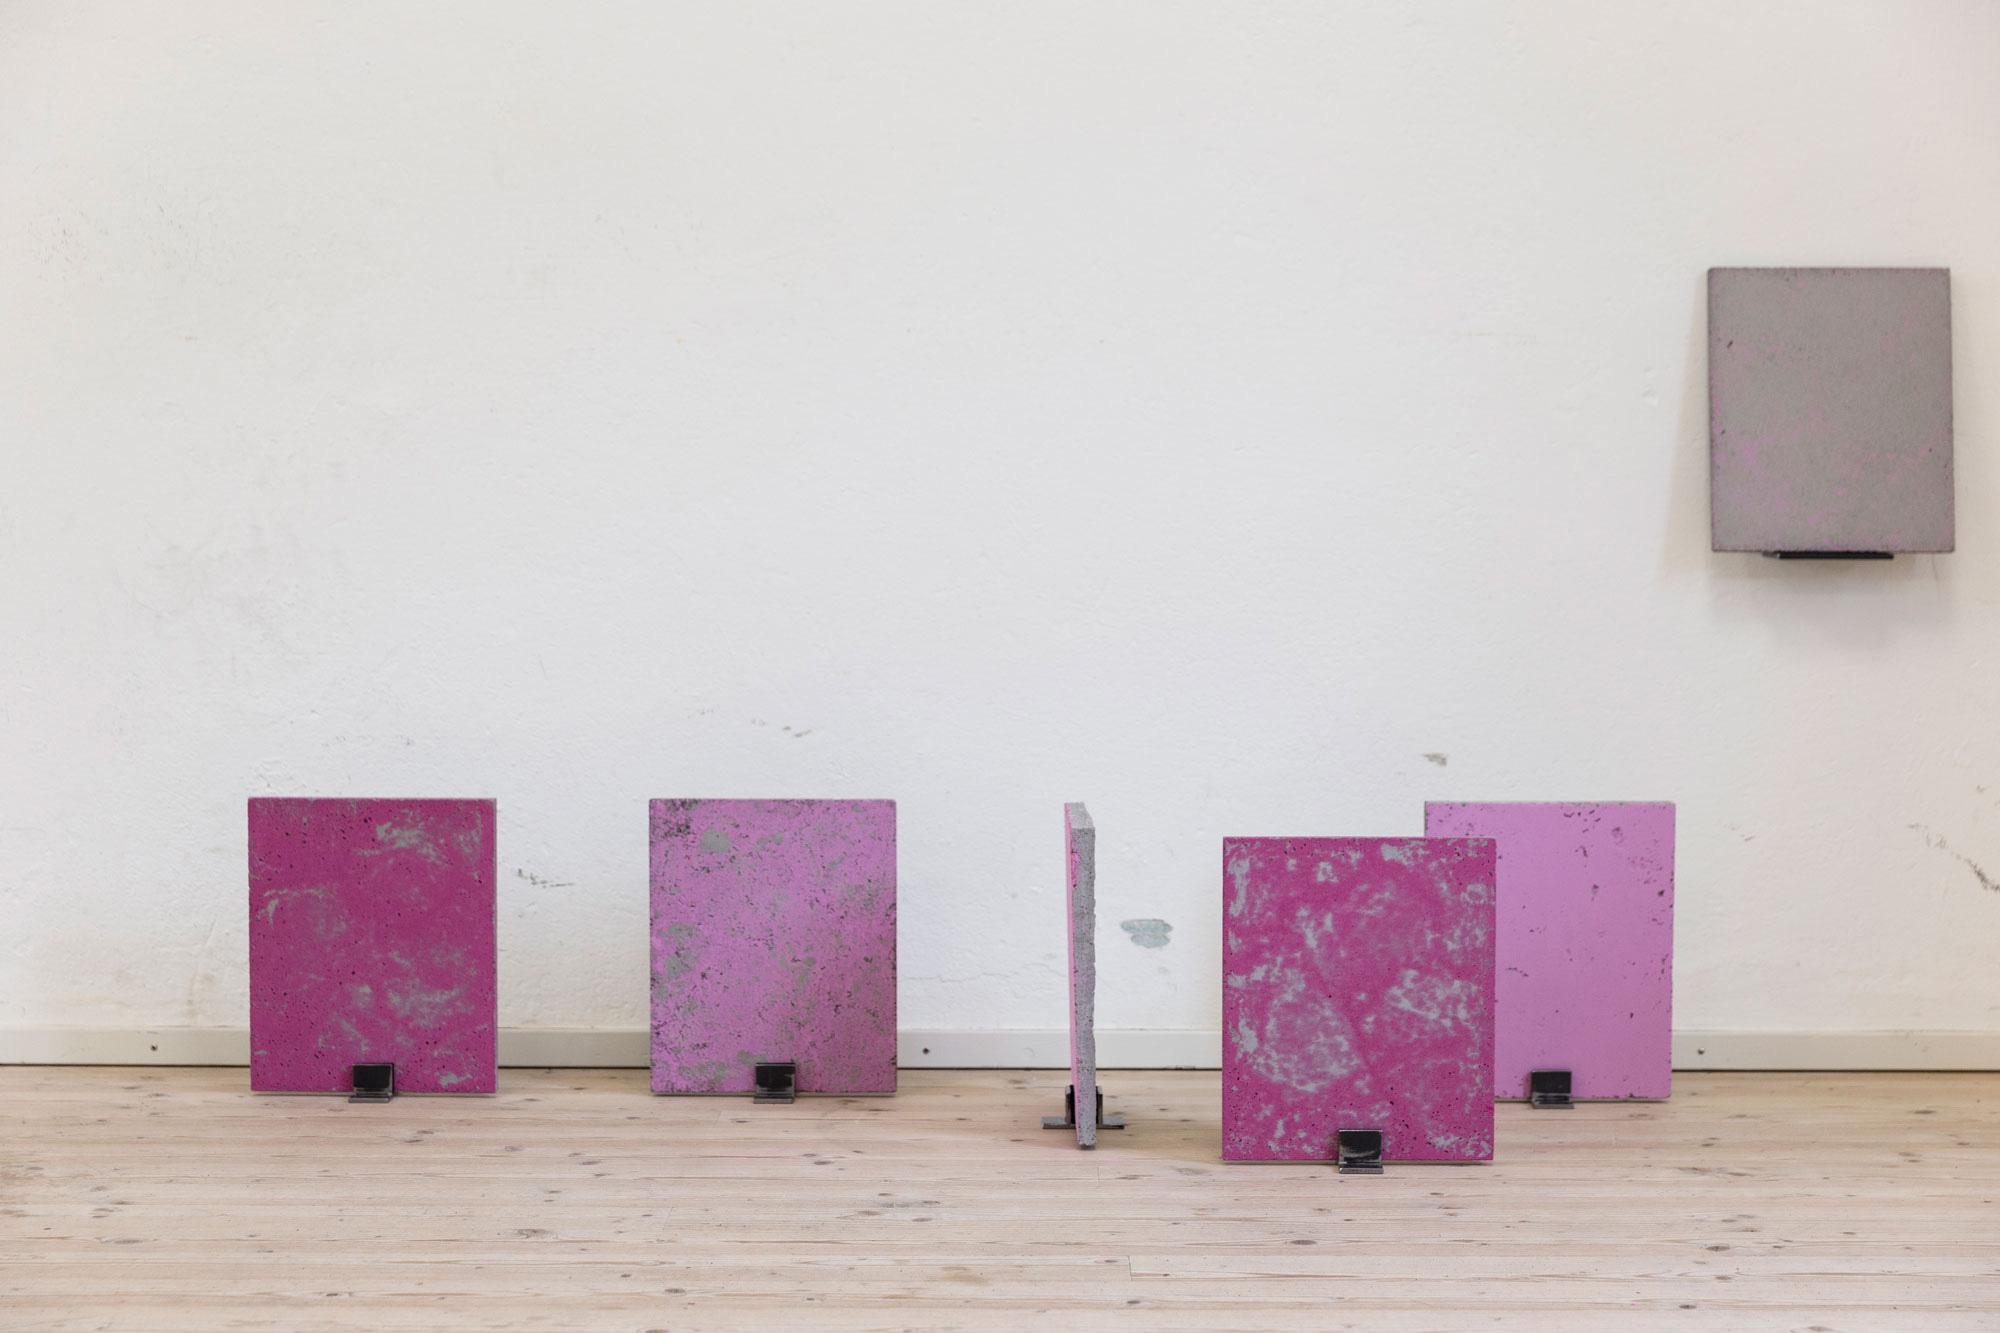 Luka-Jana-Berchtold_ConcreteDreams_pink-series_01-c-Melanie-Schneider